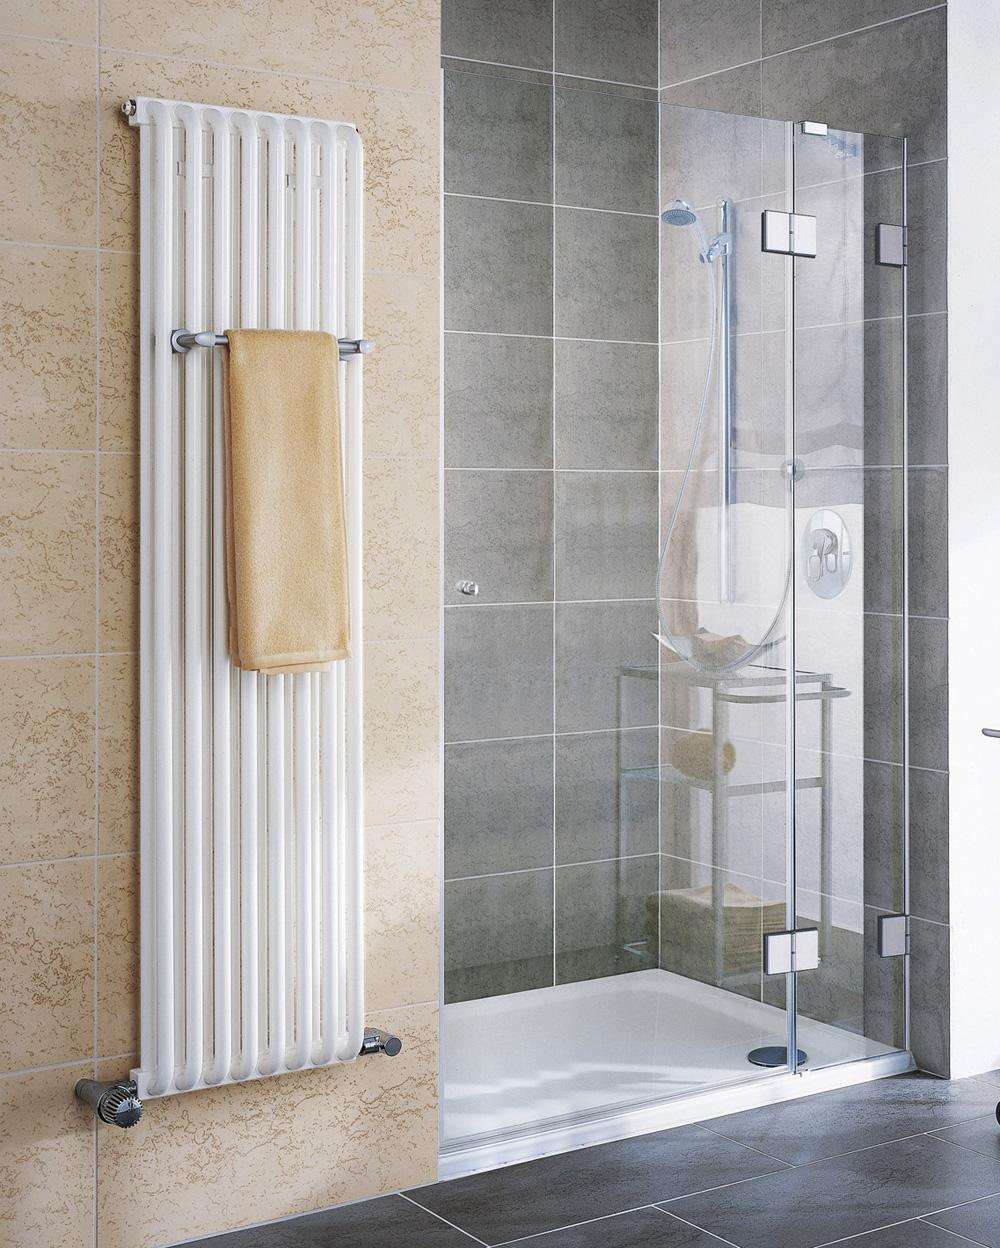 flache duschwanne einbauen anleitung finest montage der duschwanne direkt auf dem boden with. Black Bedroom Furniture Sets. Home Design Ideas